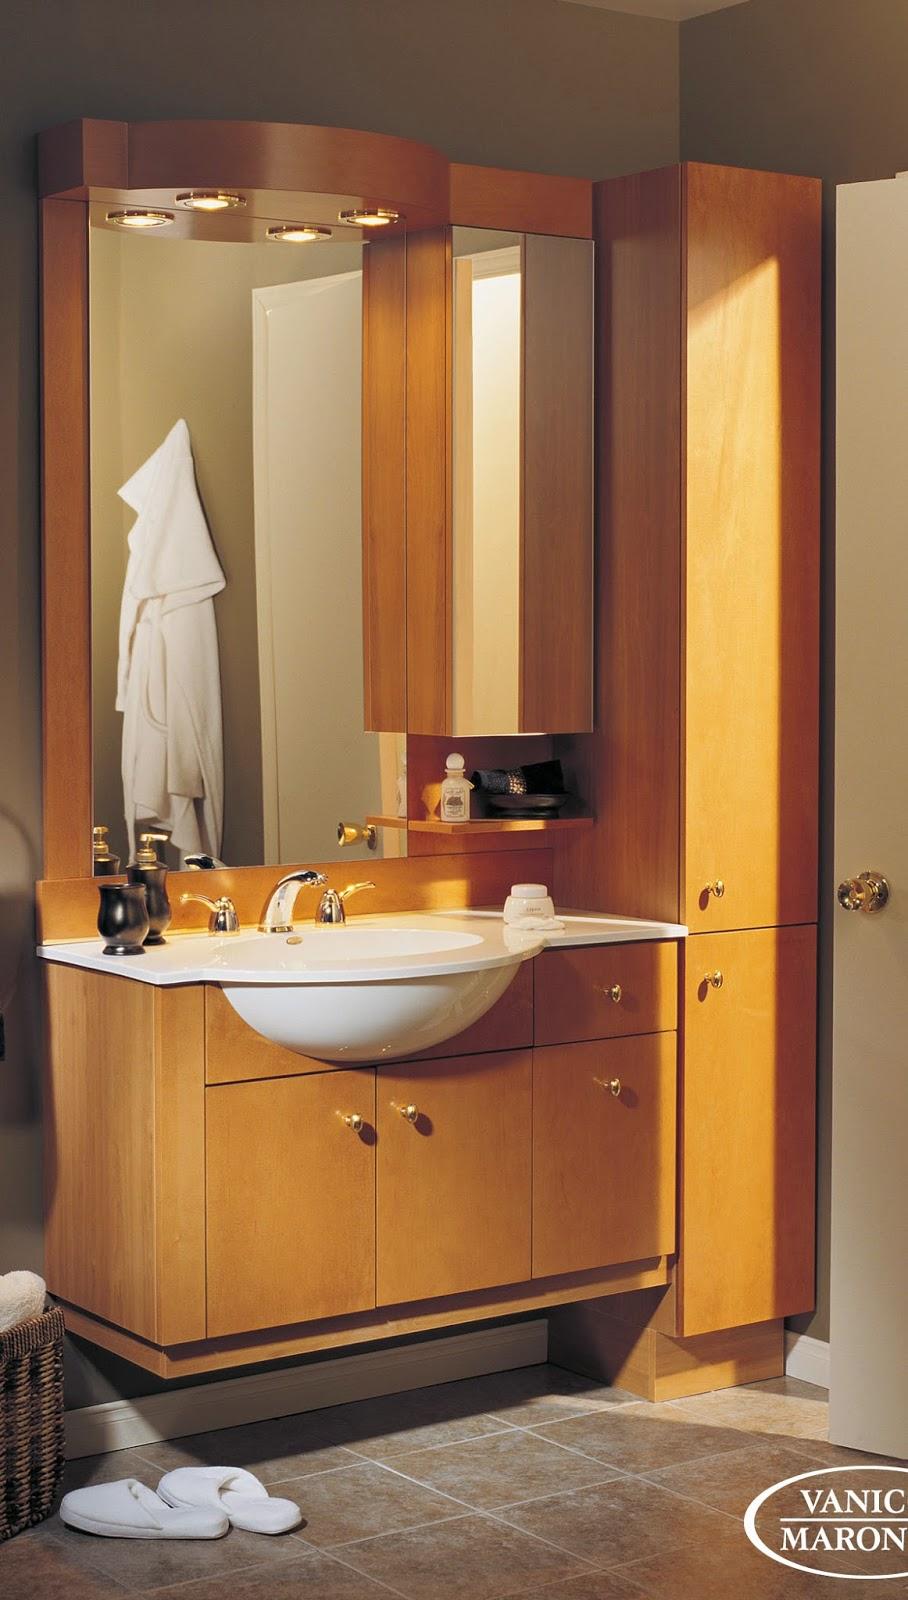 Bath & Tile Talk: Vanico-Maronyx - Abundant Choices With High ...